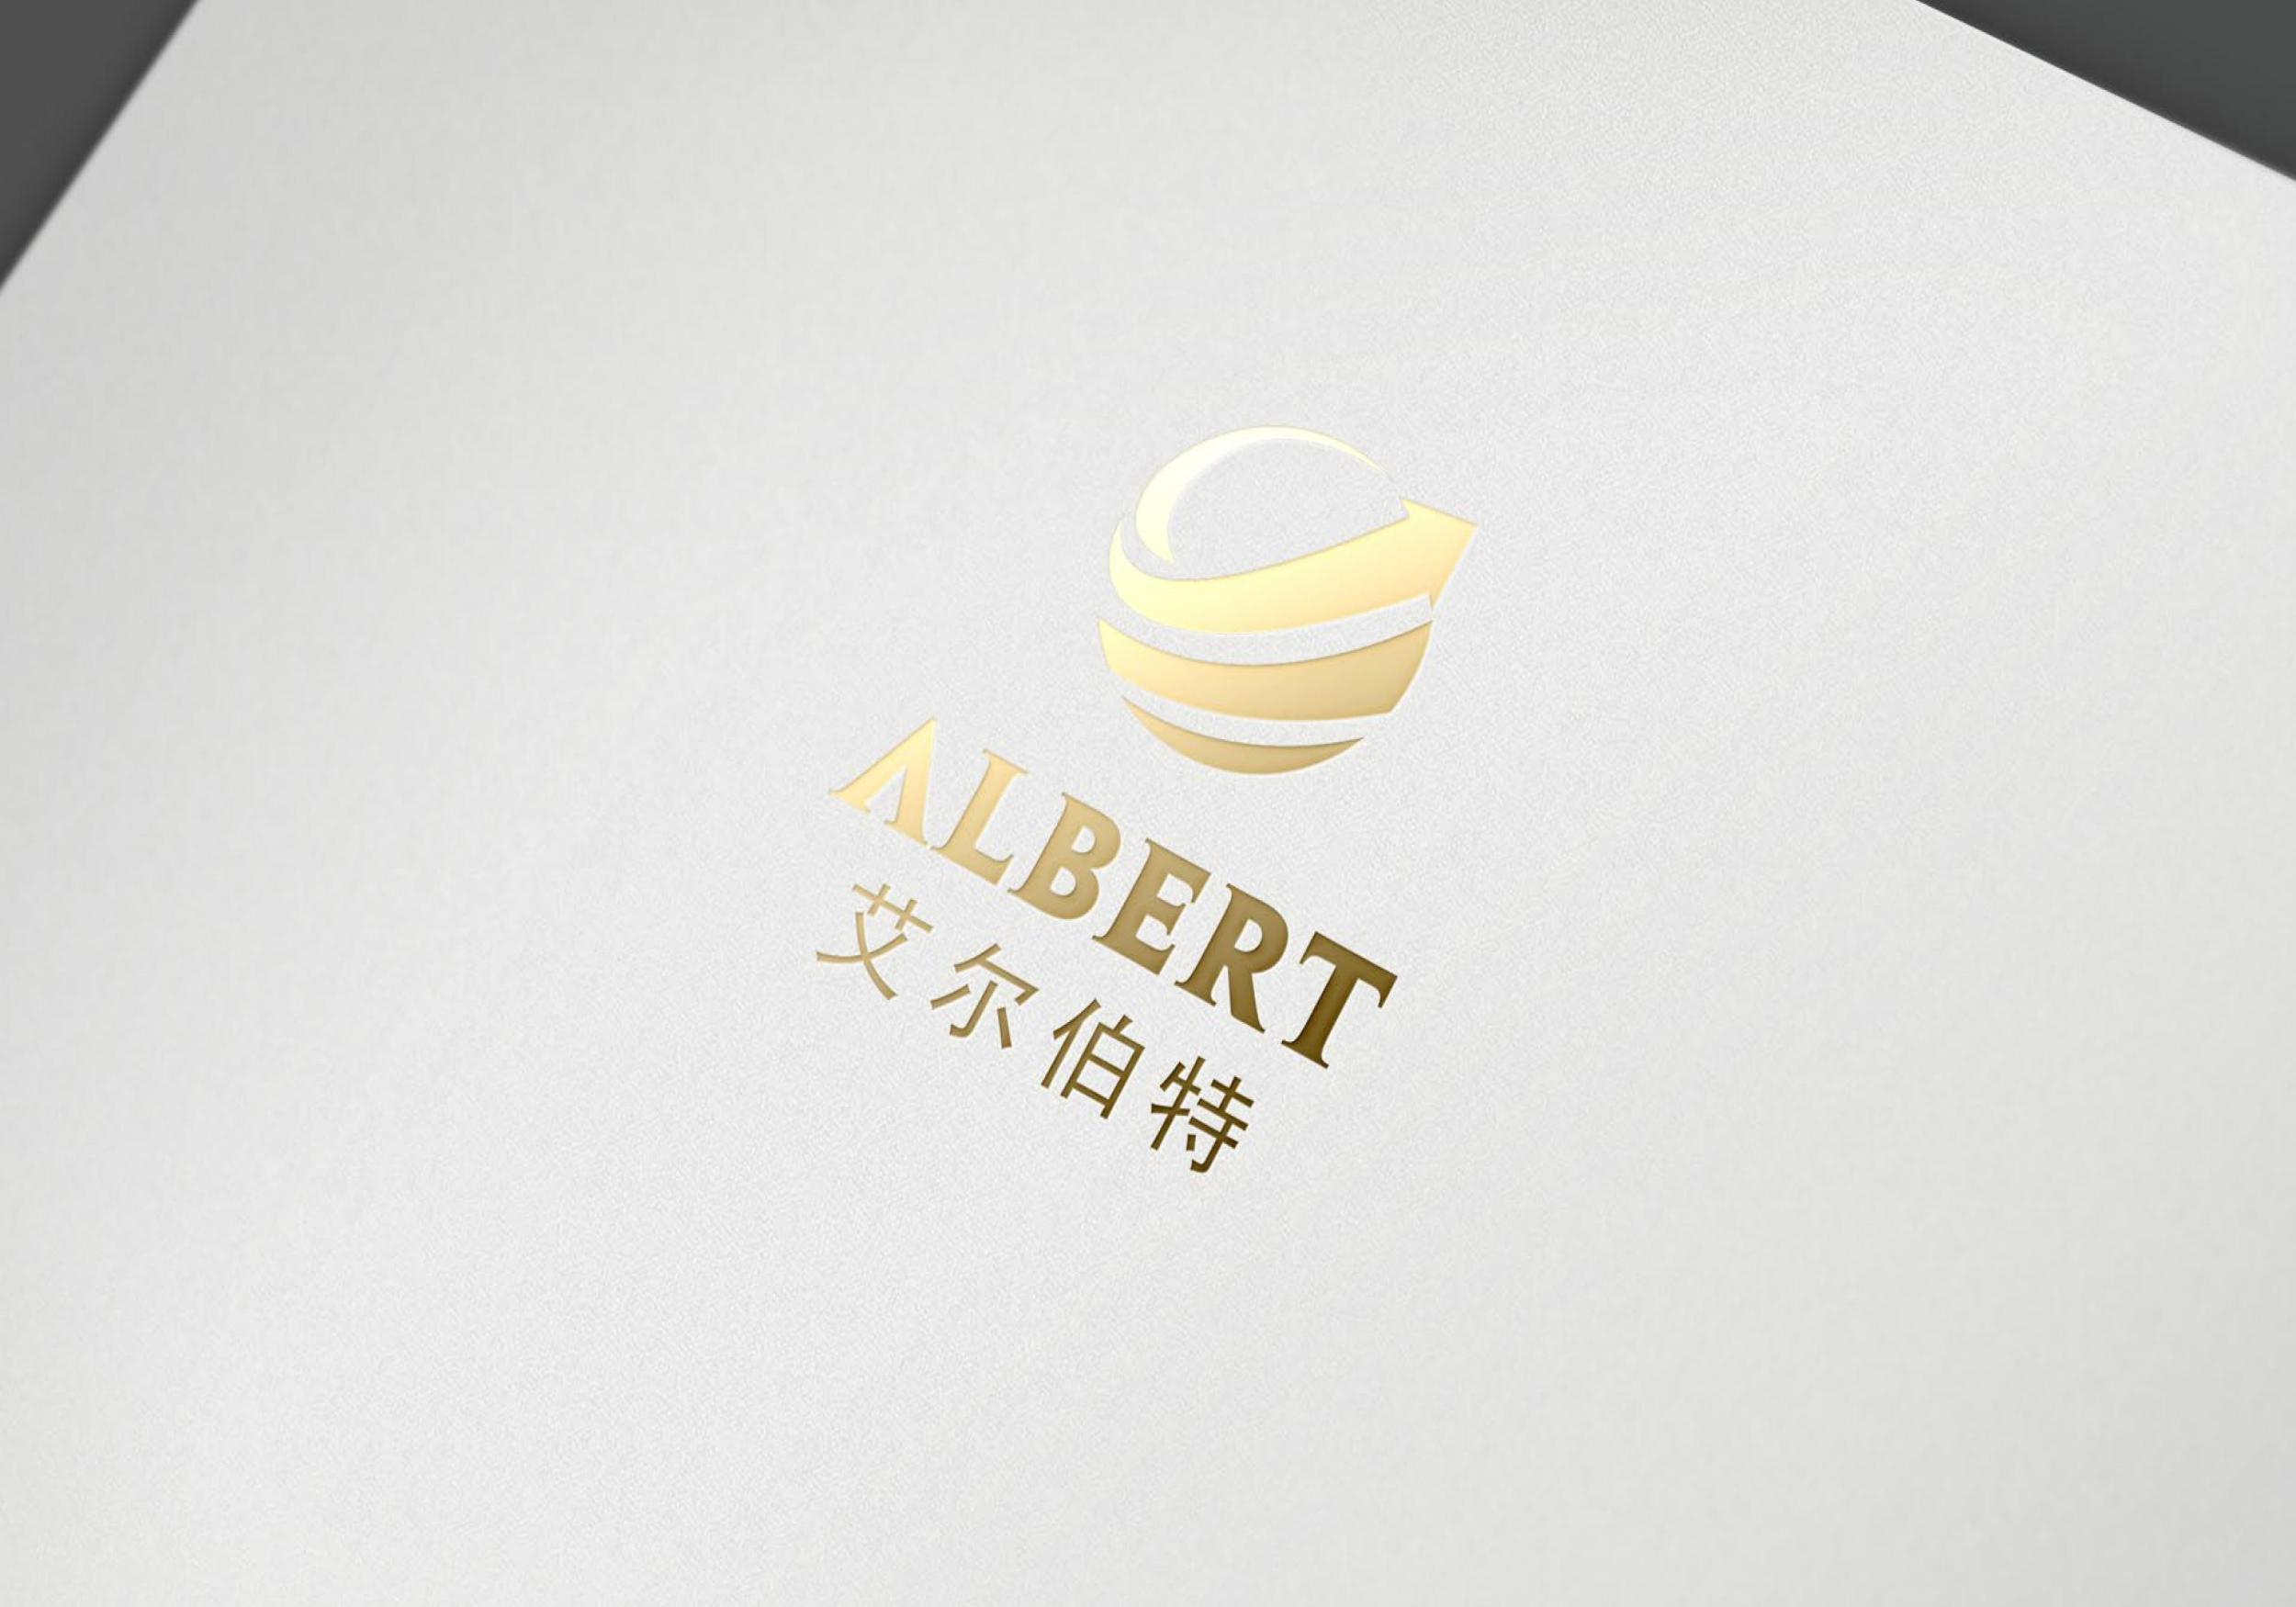 艾尔伯特科贸(北京)有限公司7